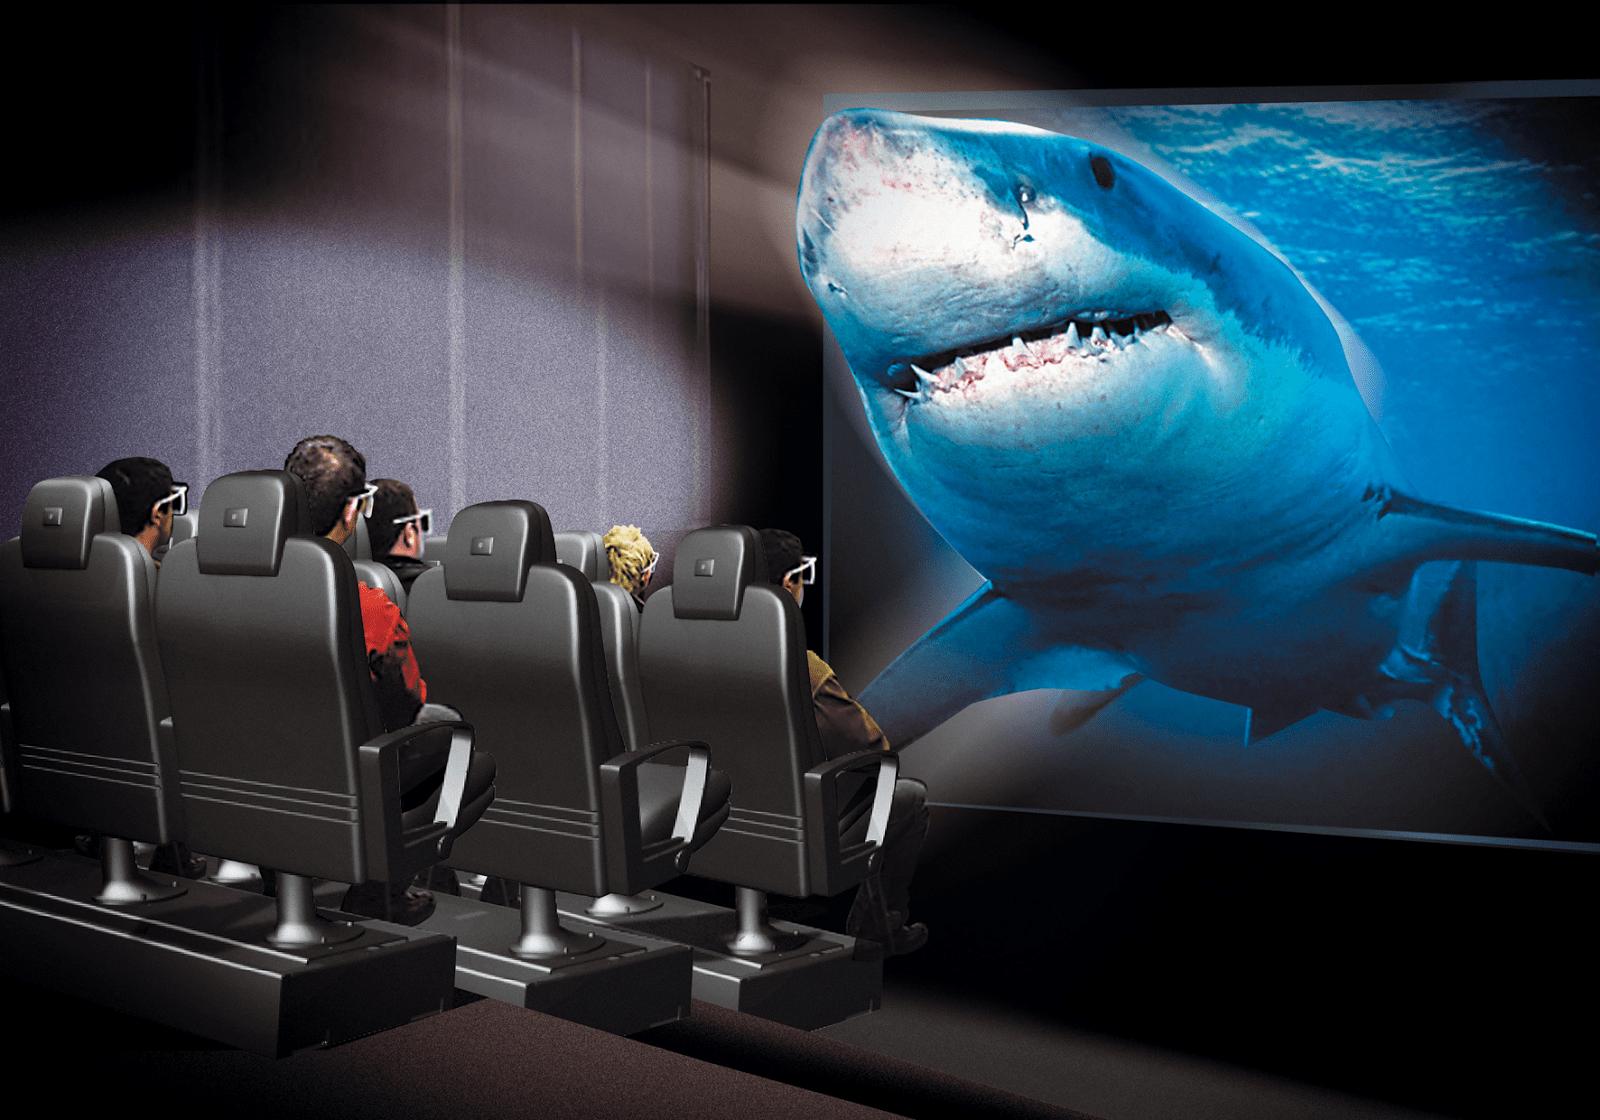 Khu vực xem phim 3D hấp dẫn của khách du lịch (Ảnh: Sưu tập)